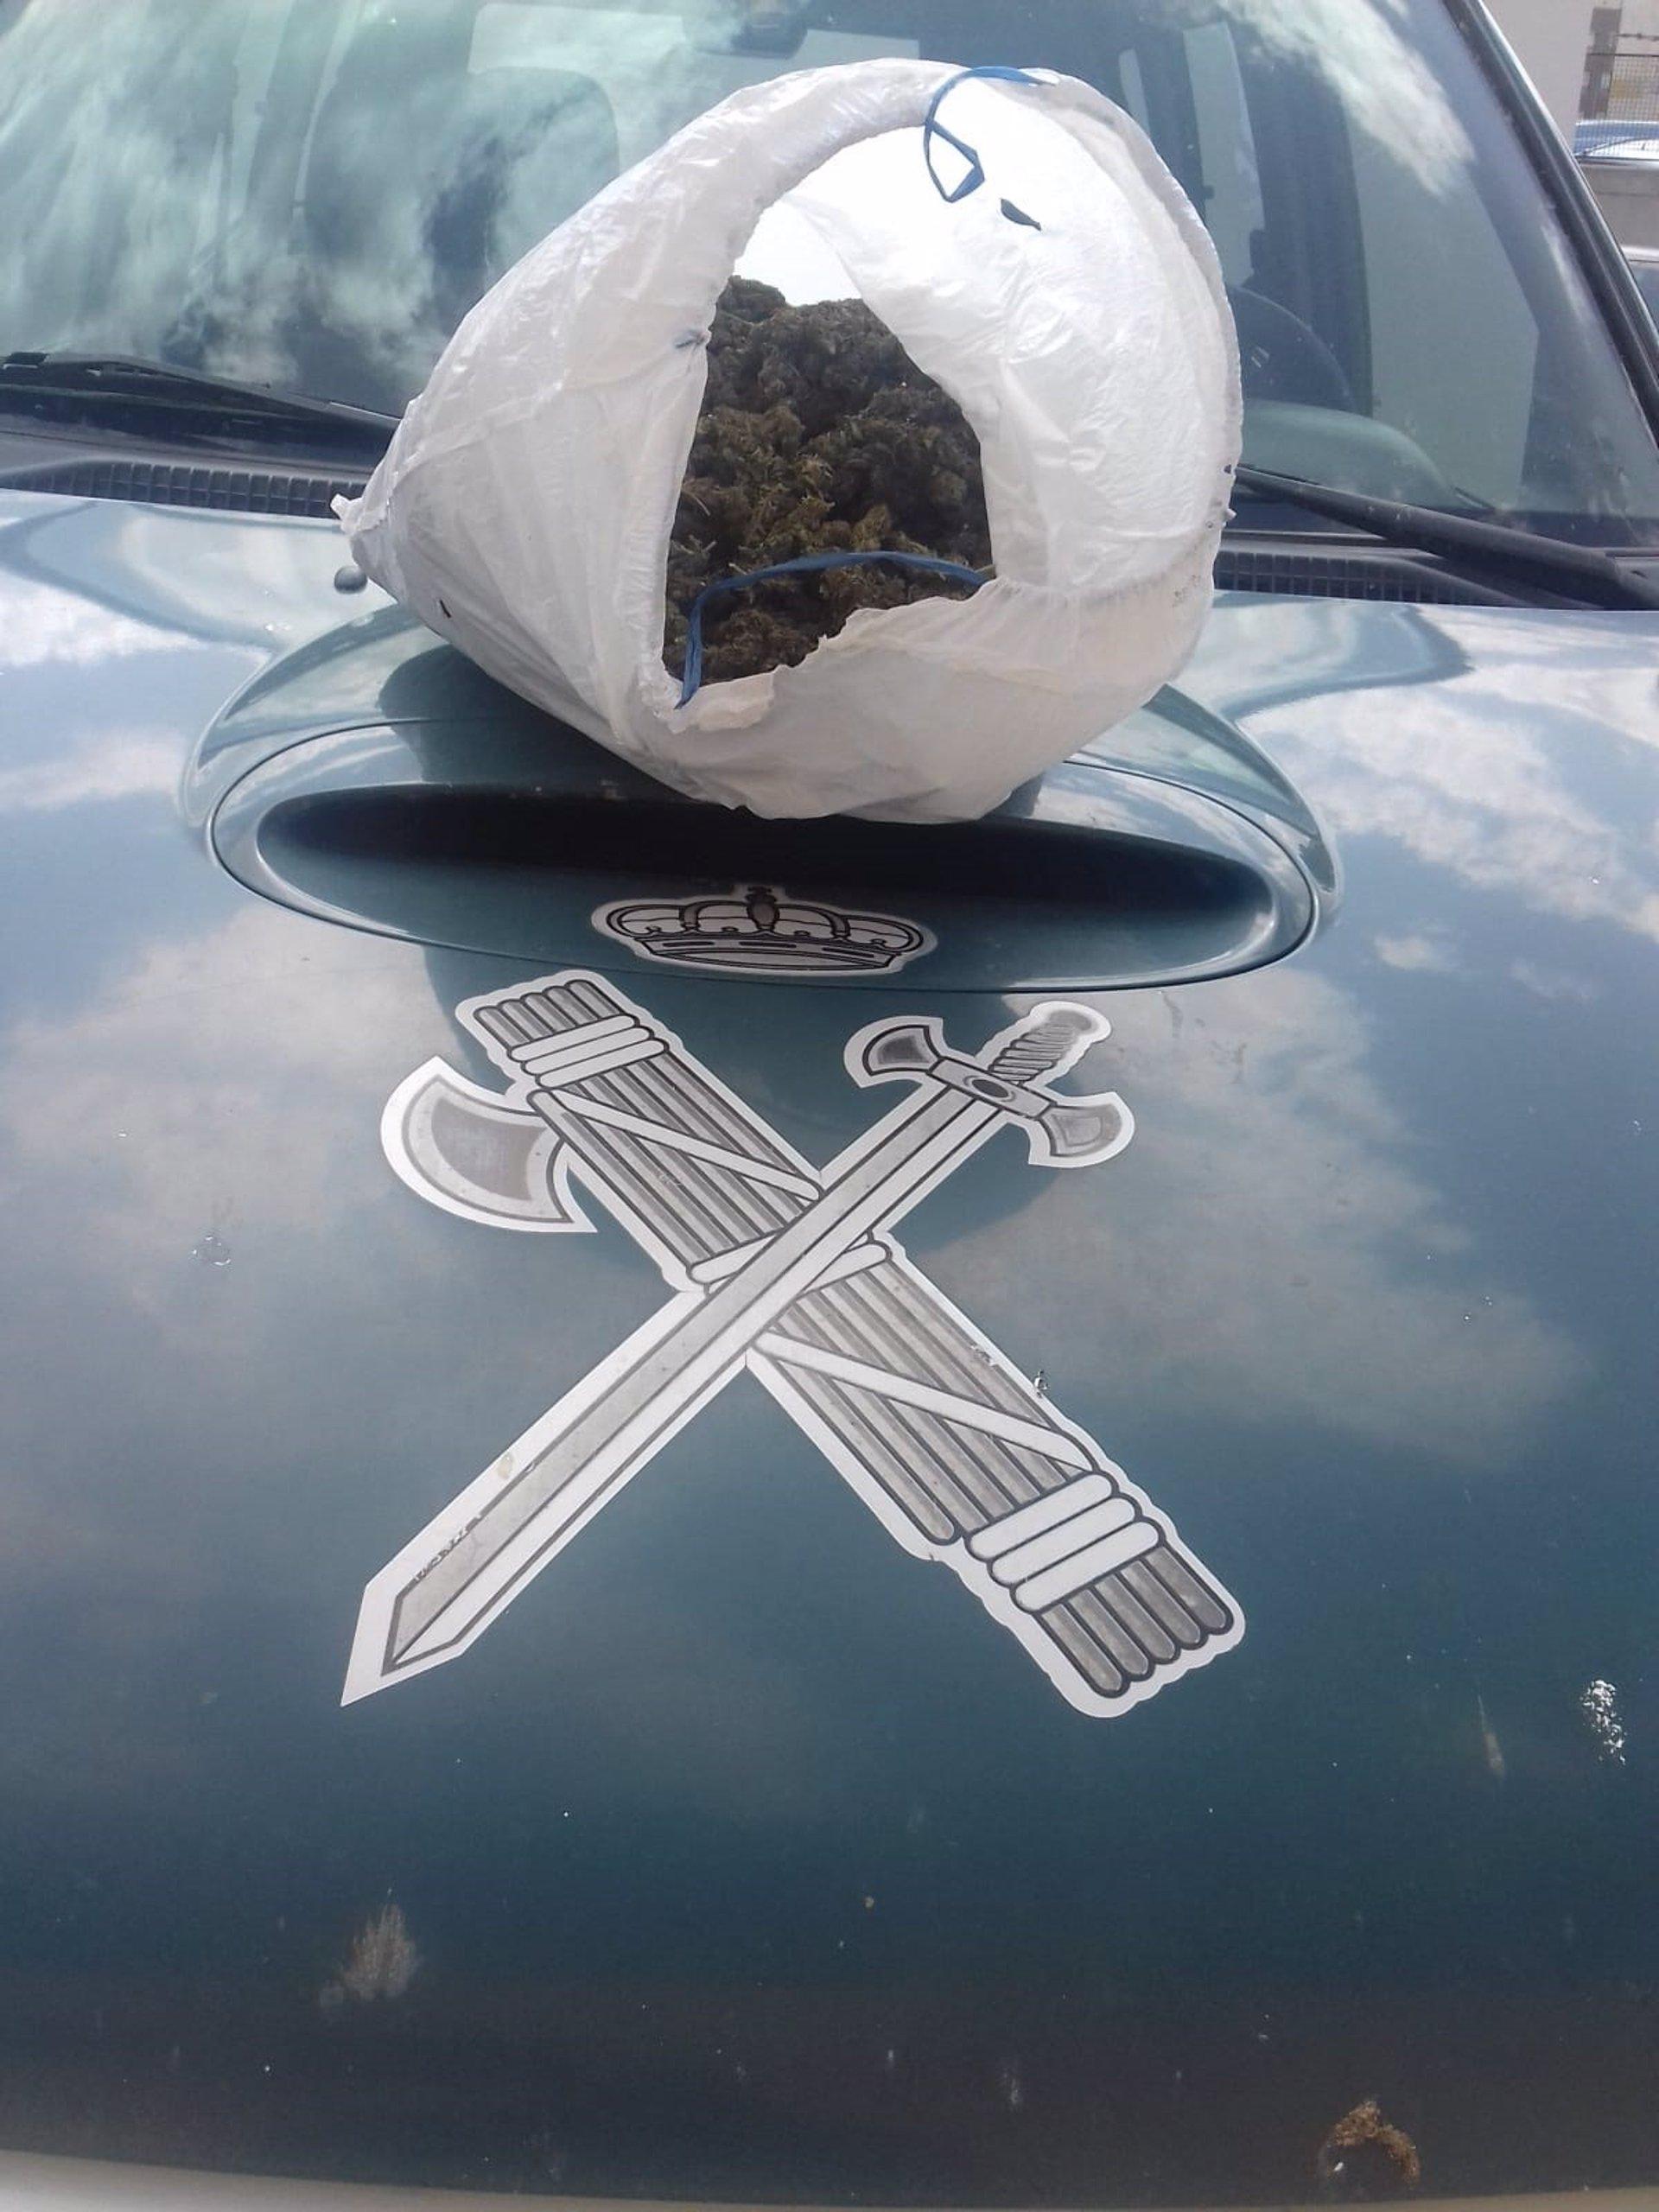 Dos investigados por arrojar un kilo de marihuana desde un coche tras saltarse un control en Guadix